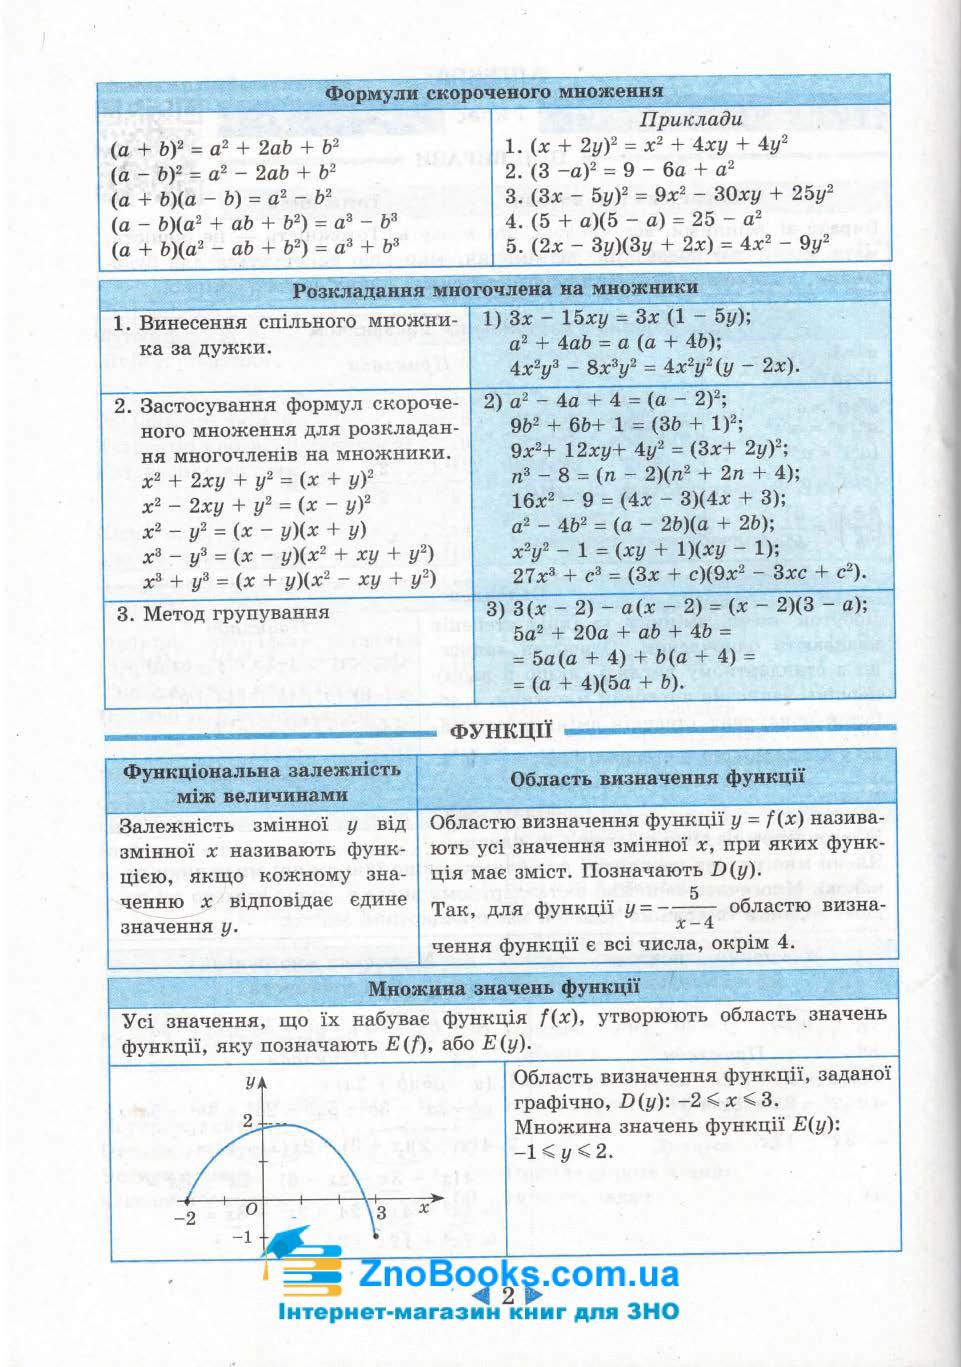 Довідник 7-11 клас з алгебри та геометрії. Підготовка до ЗНО та ДПА. Гальперіна А. Весна 3